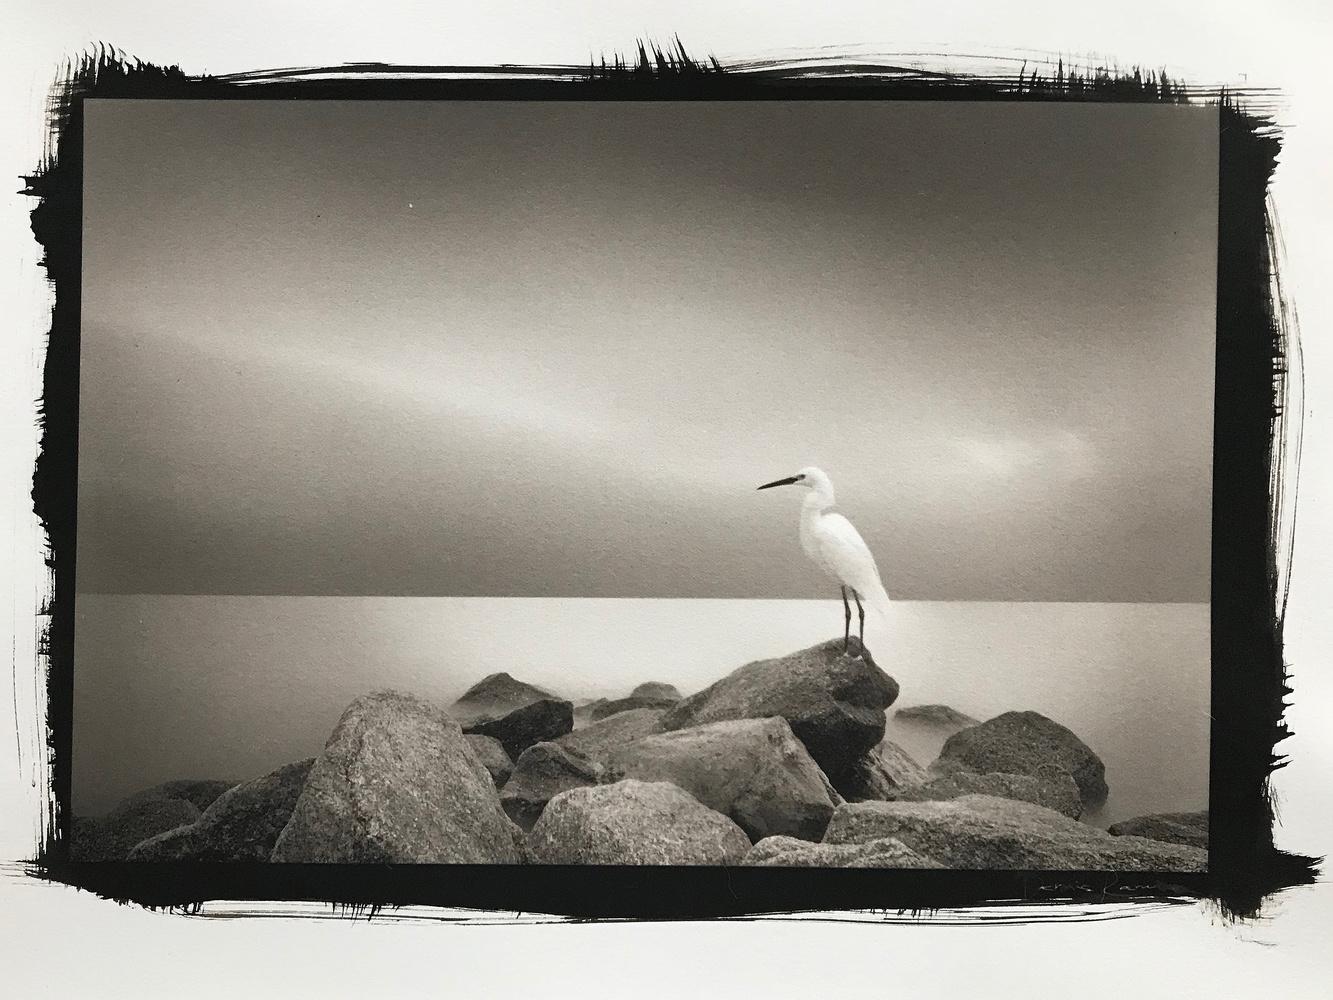 Egret by Dennis Ramos